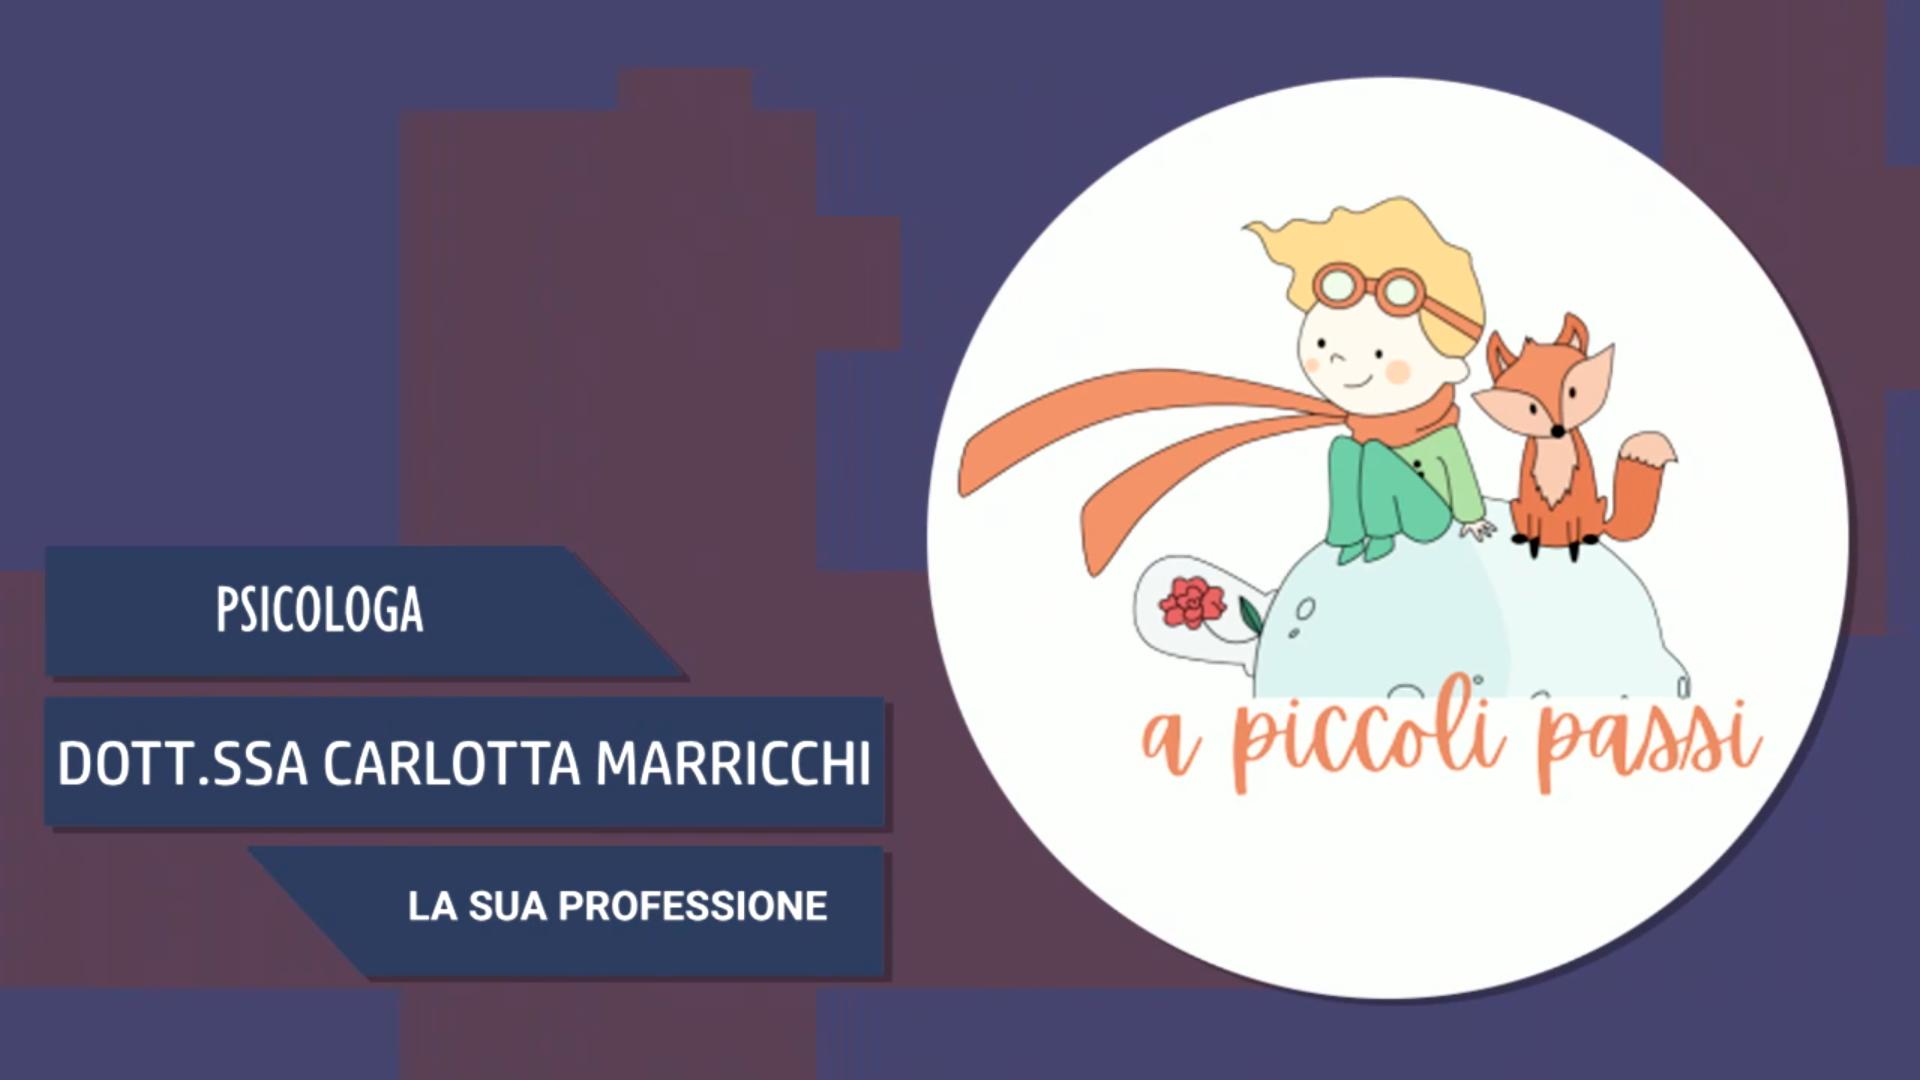 Intervista alla Dott.ssa Carlotta Marricchi – La sua professione